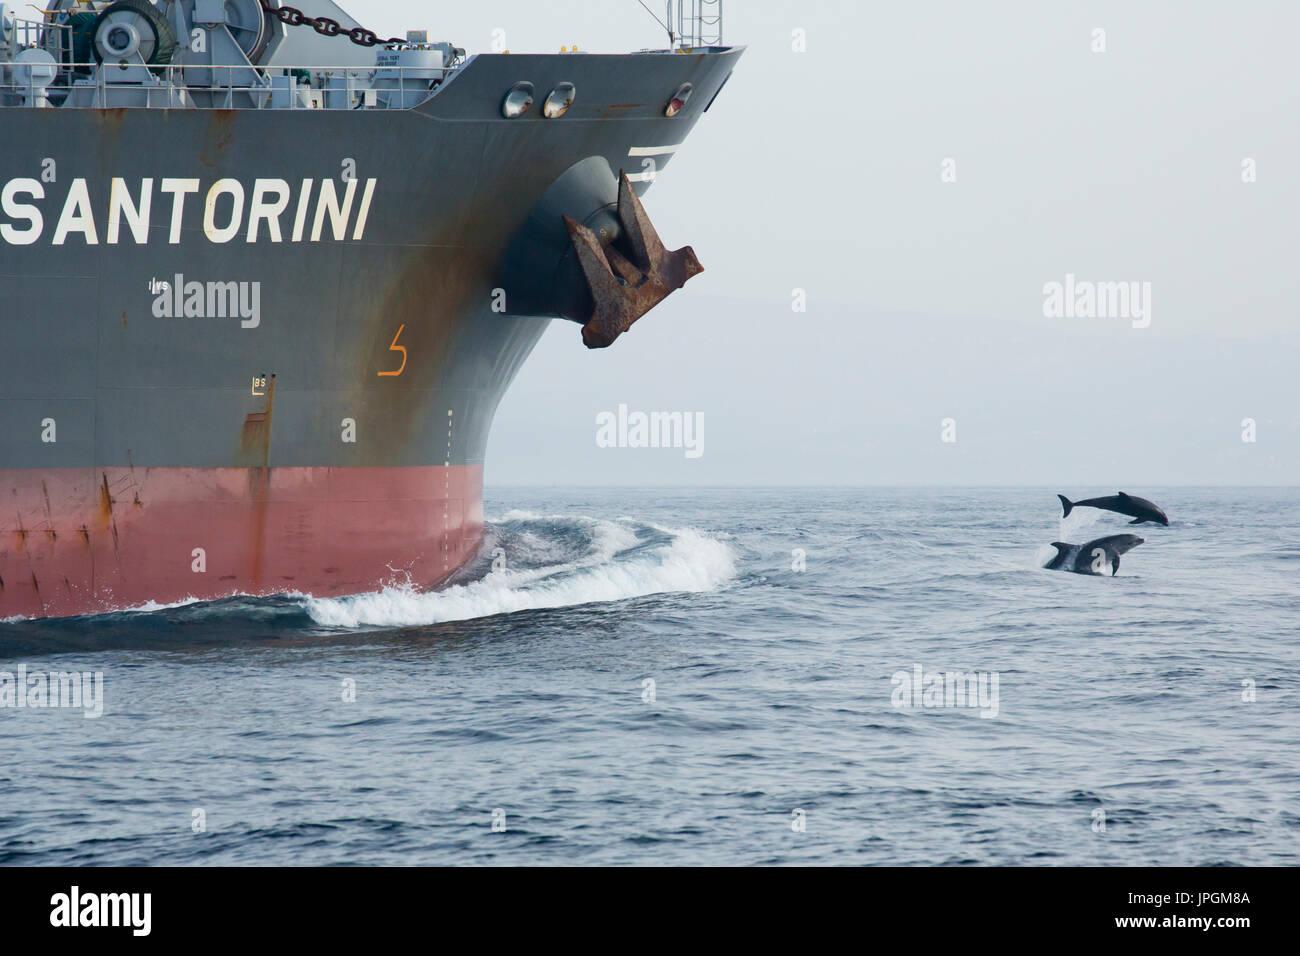 Common Bottlenose Dolphin (Tursiops truncates) bowriding in the Strait of Gibraltar - Stock Image